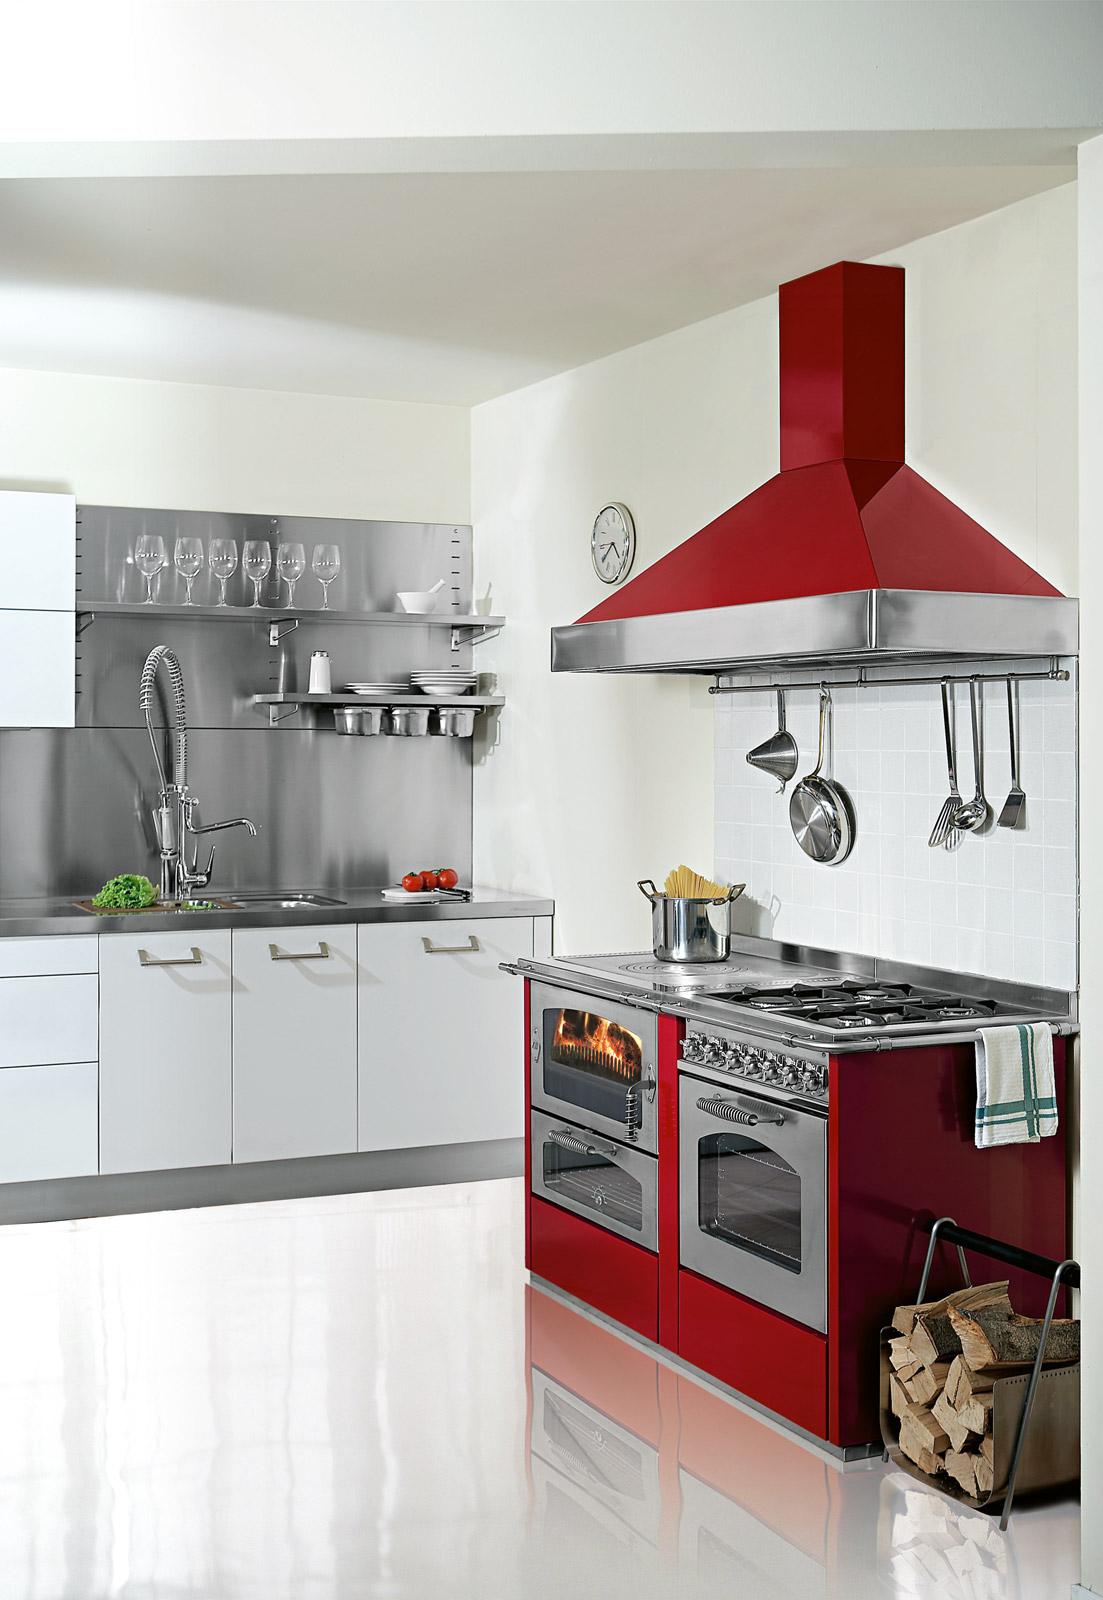 Domino demanincor s p a - De manincor cucine ...